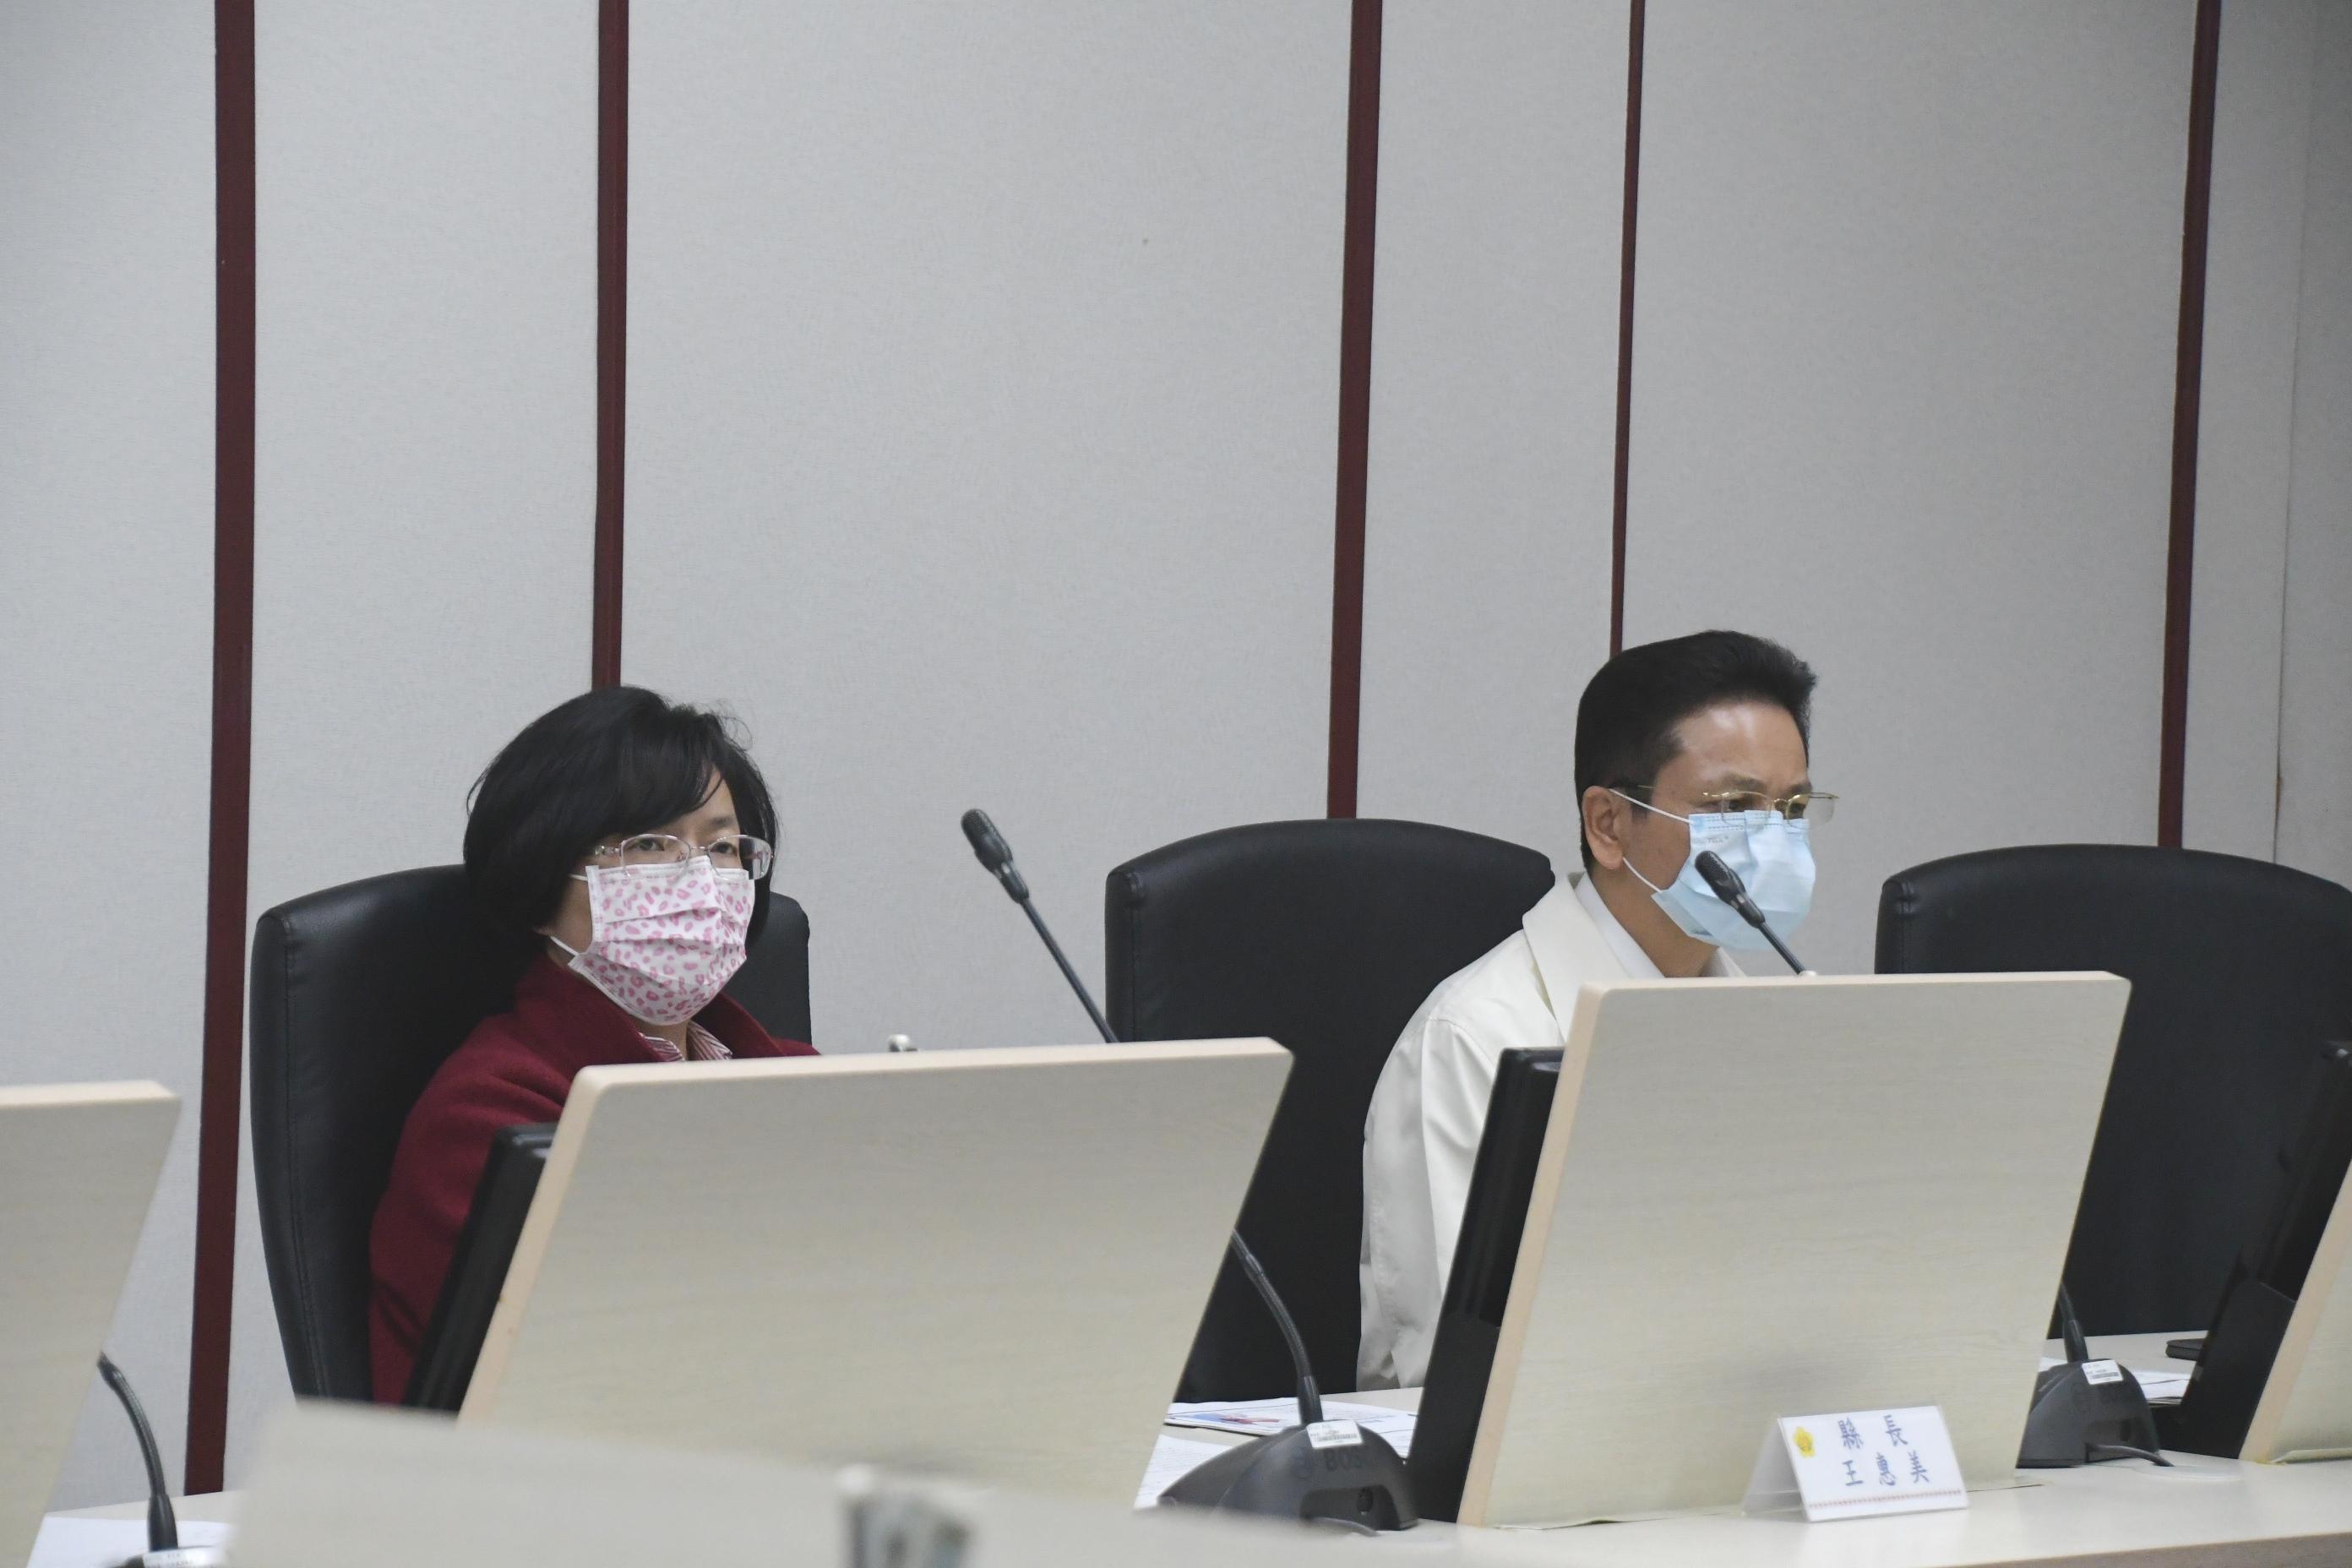 王惠美縣長主持彰化縣傳染病防治流行疫情指揮中心第53次會議- 嚴重特殊傳染性肺炎防治應變會議